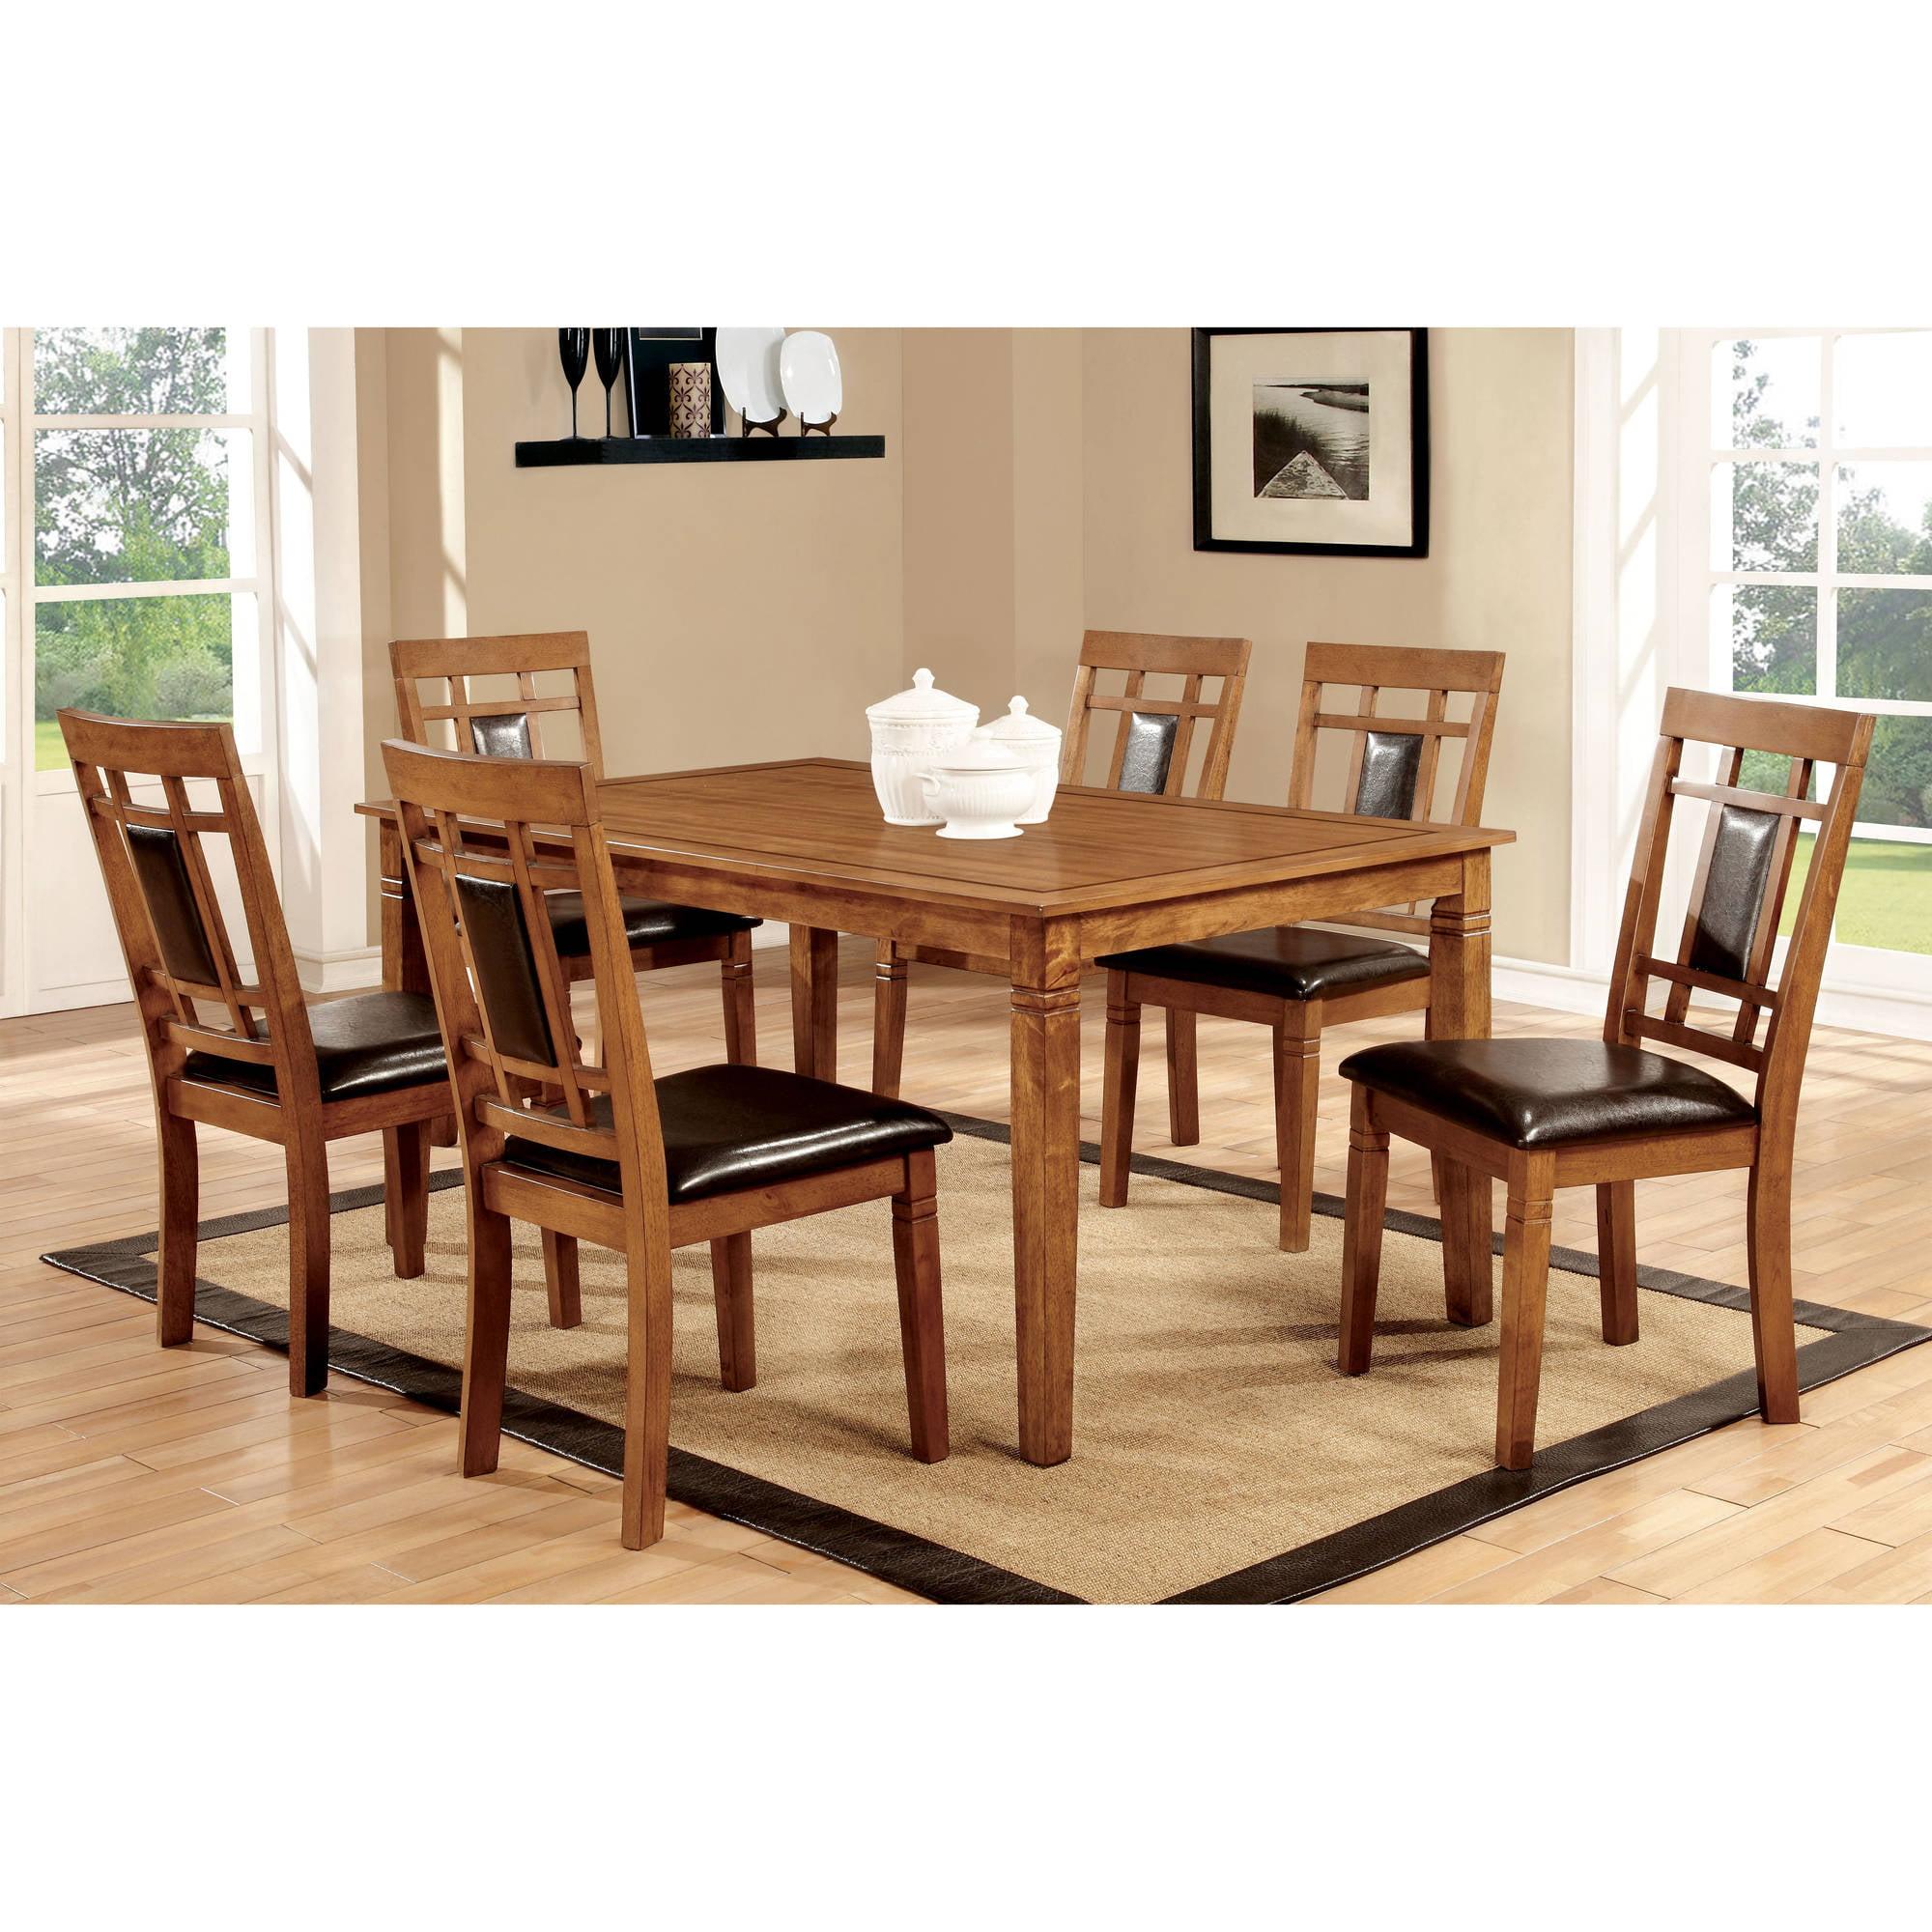 Furniture of America Malvin 7-Piece Dining Set, Light Oak